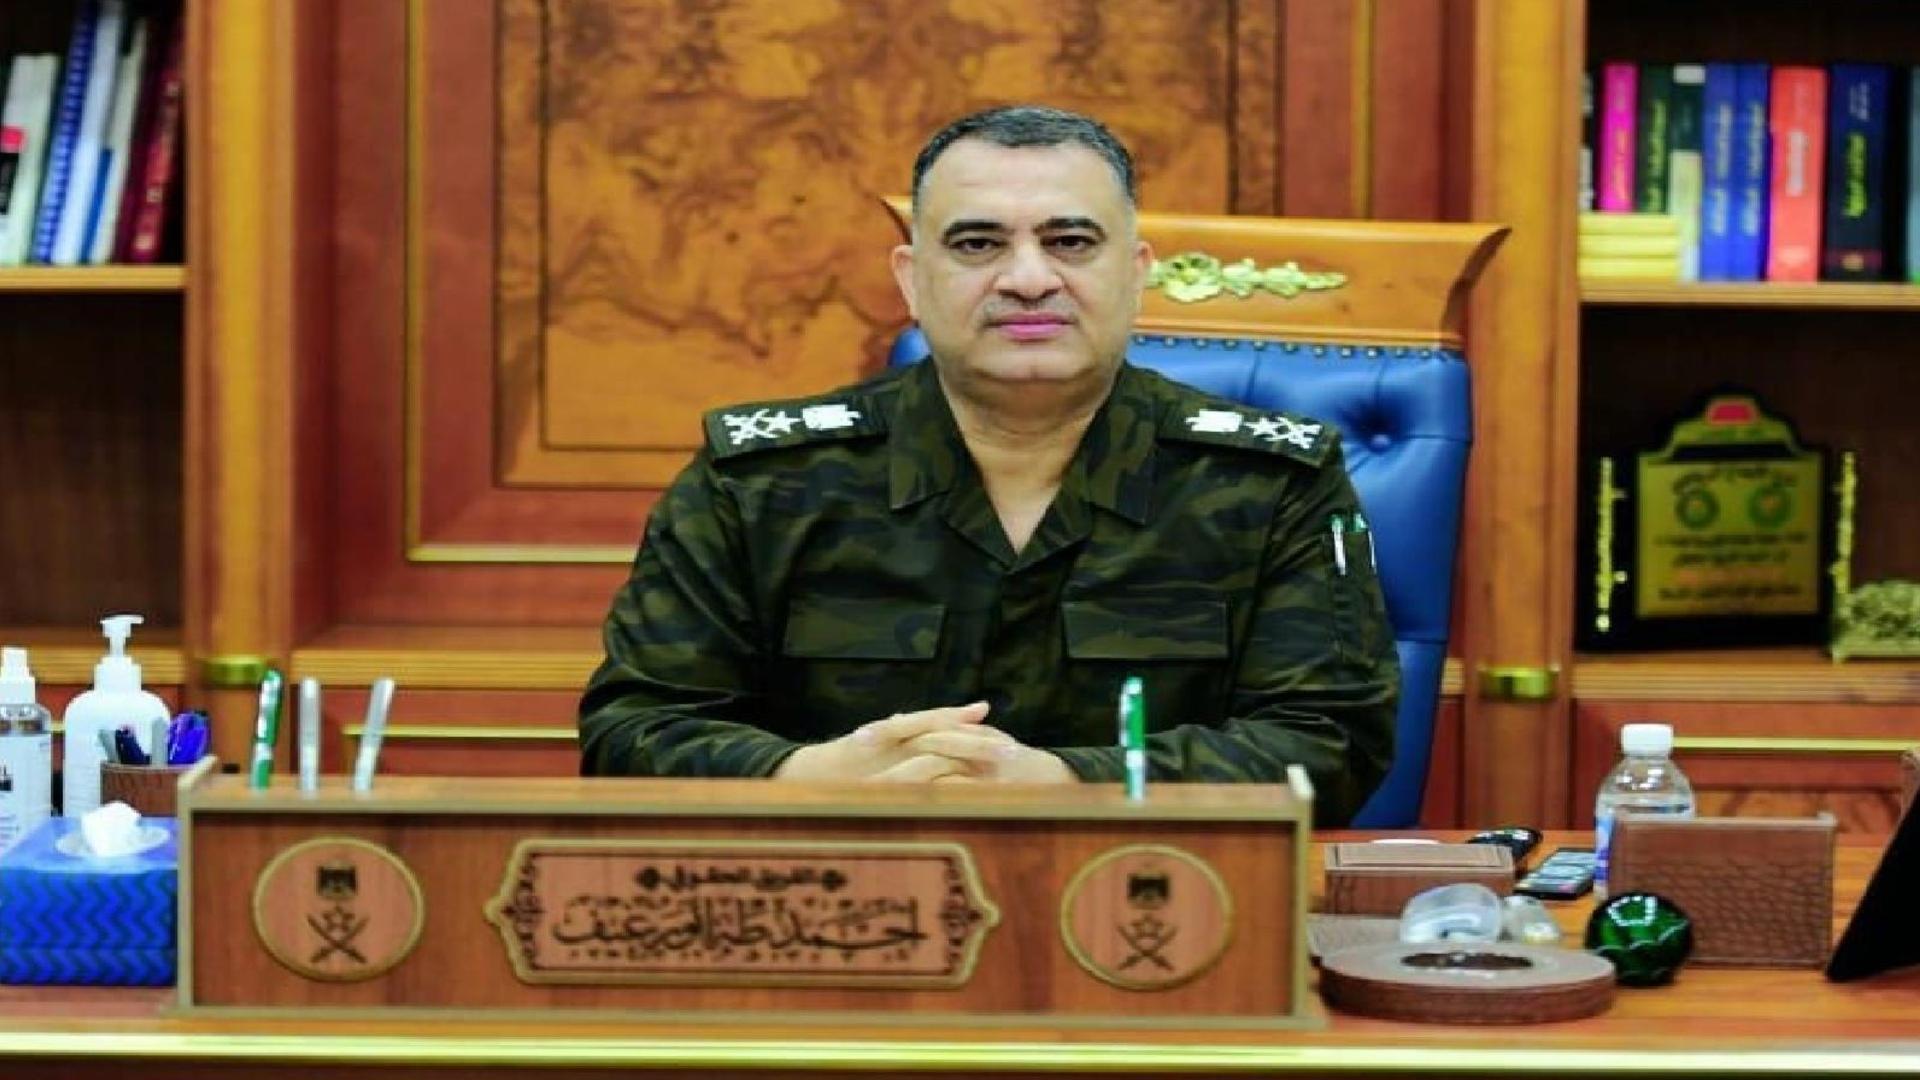 اعتقال مسؤول استخباري على قضايا فساد بأمر لجنة أبو رغيف